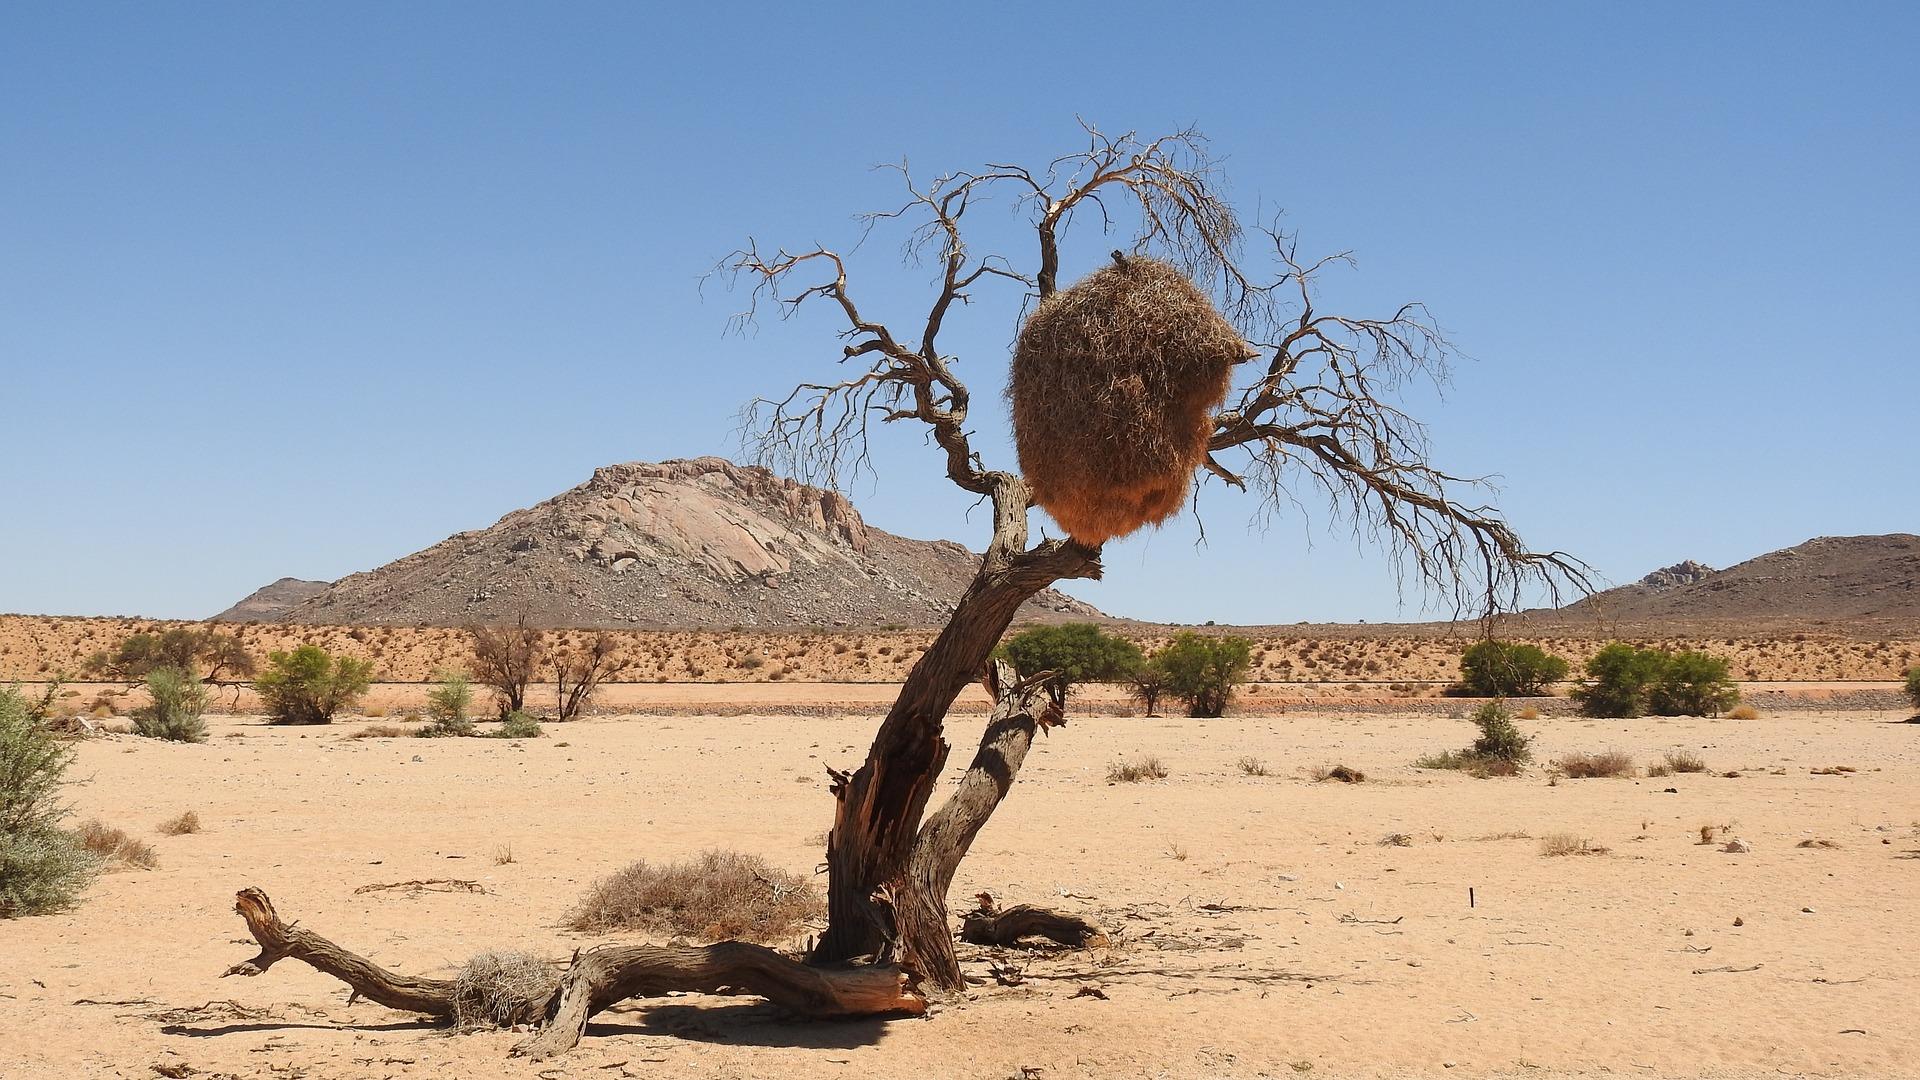 desert-1913128_1920